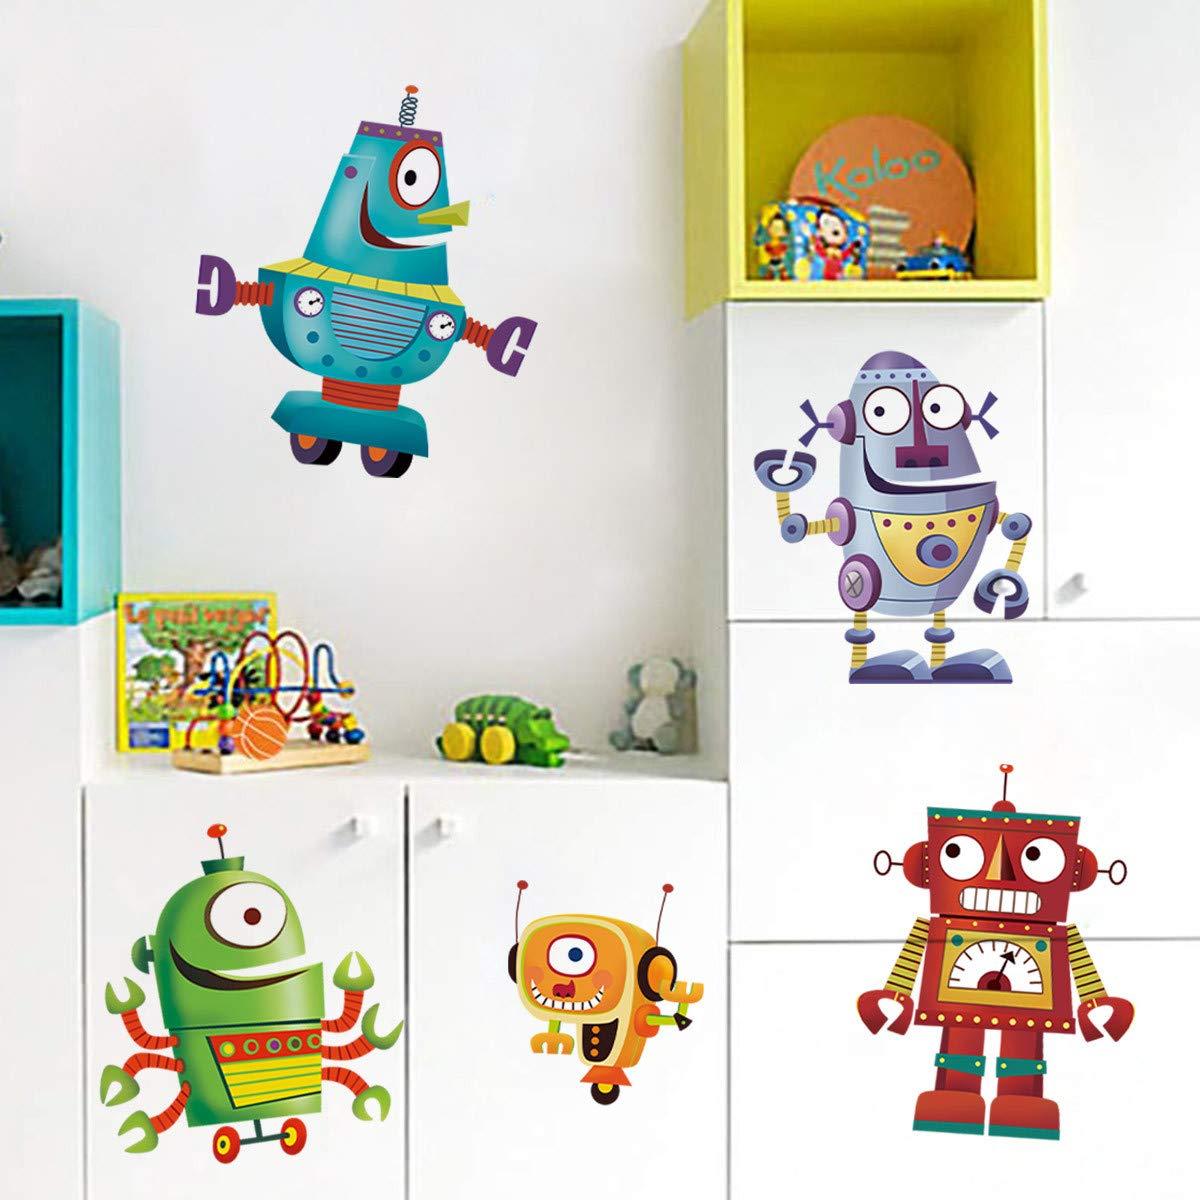 ufengke Pegatinas de Pared Robot Dibujos Animados Vinilos Adhesivos Pared Decorativos para Dormitorio Infantiles Habitaci/ón Beb/és Ni/ñas